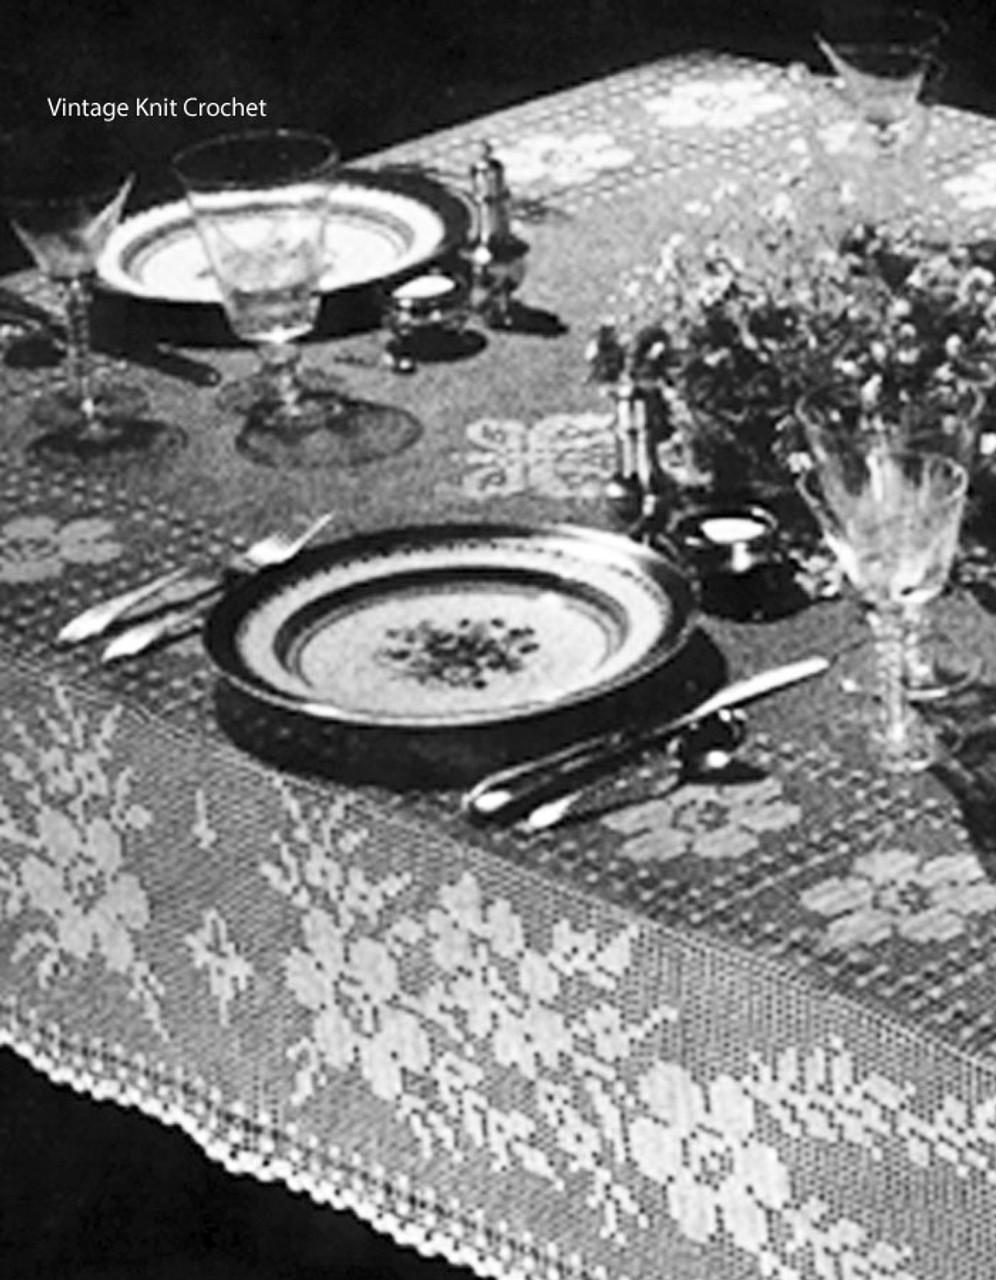 Vintage Filet Crochet Tablecloth Pattern Lily 64a